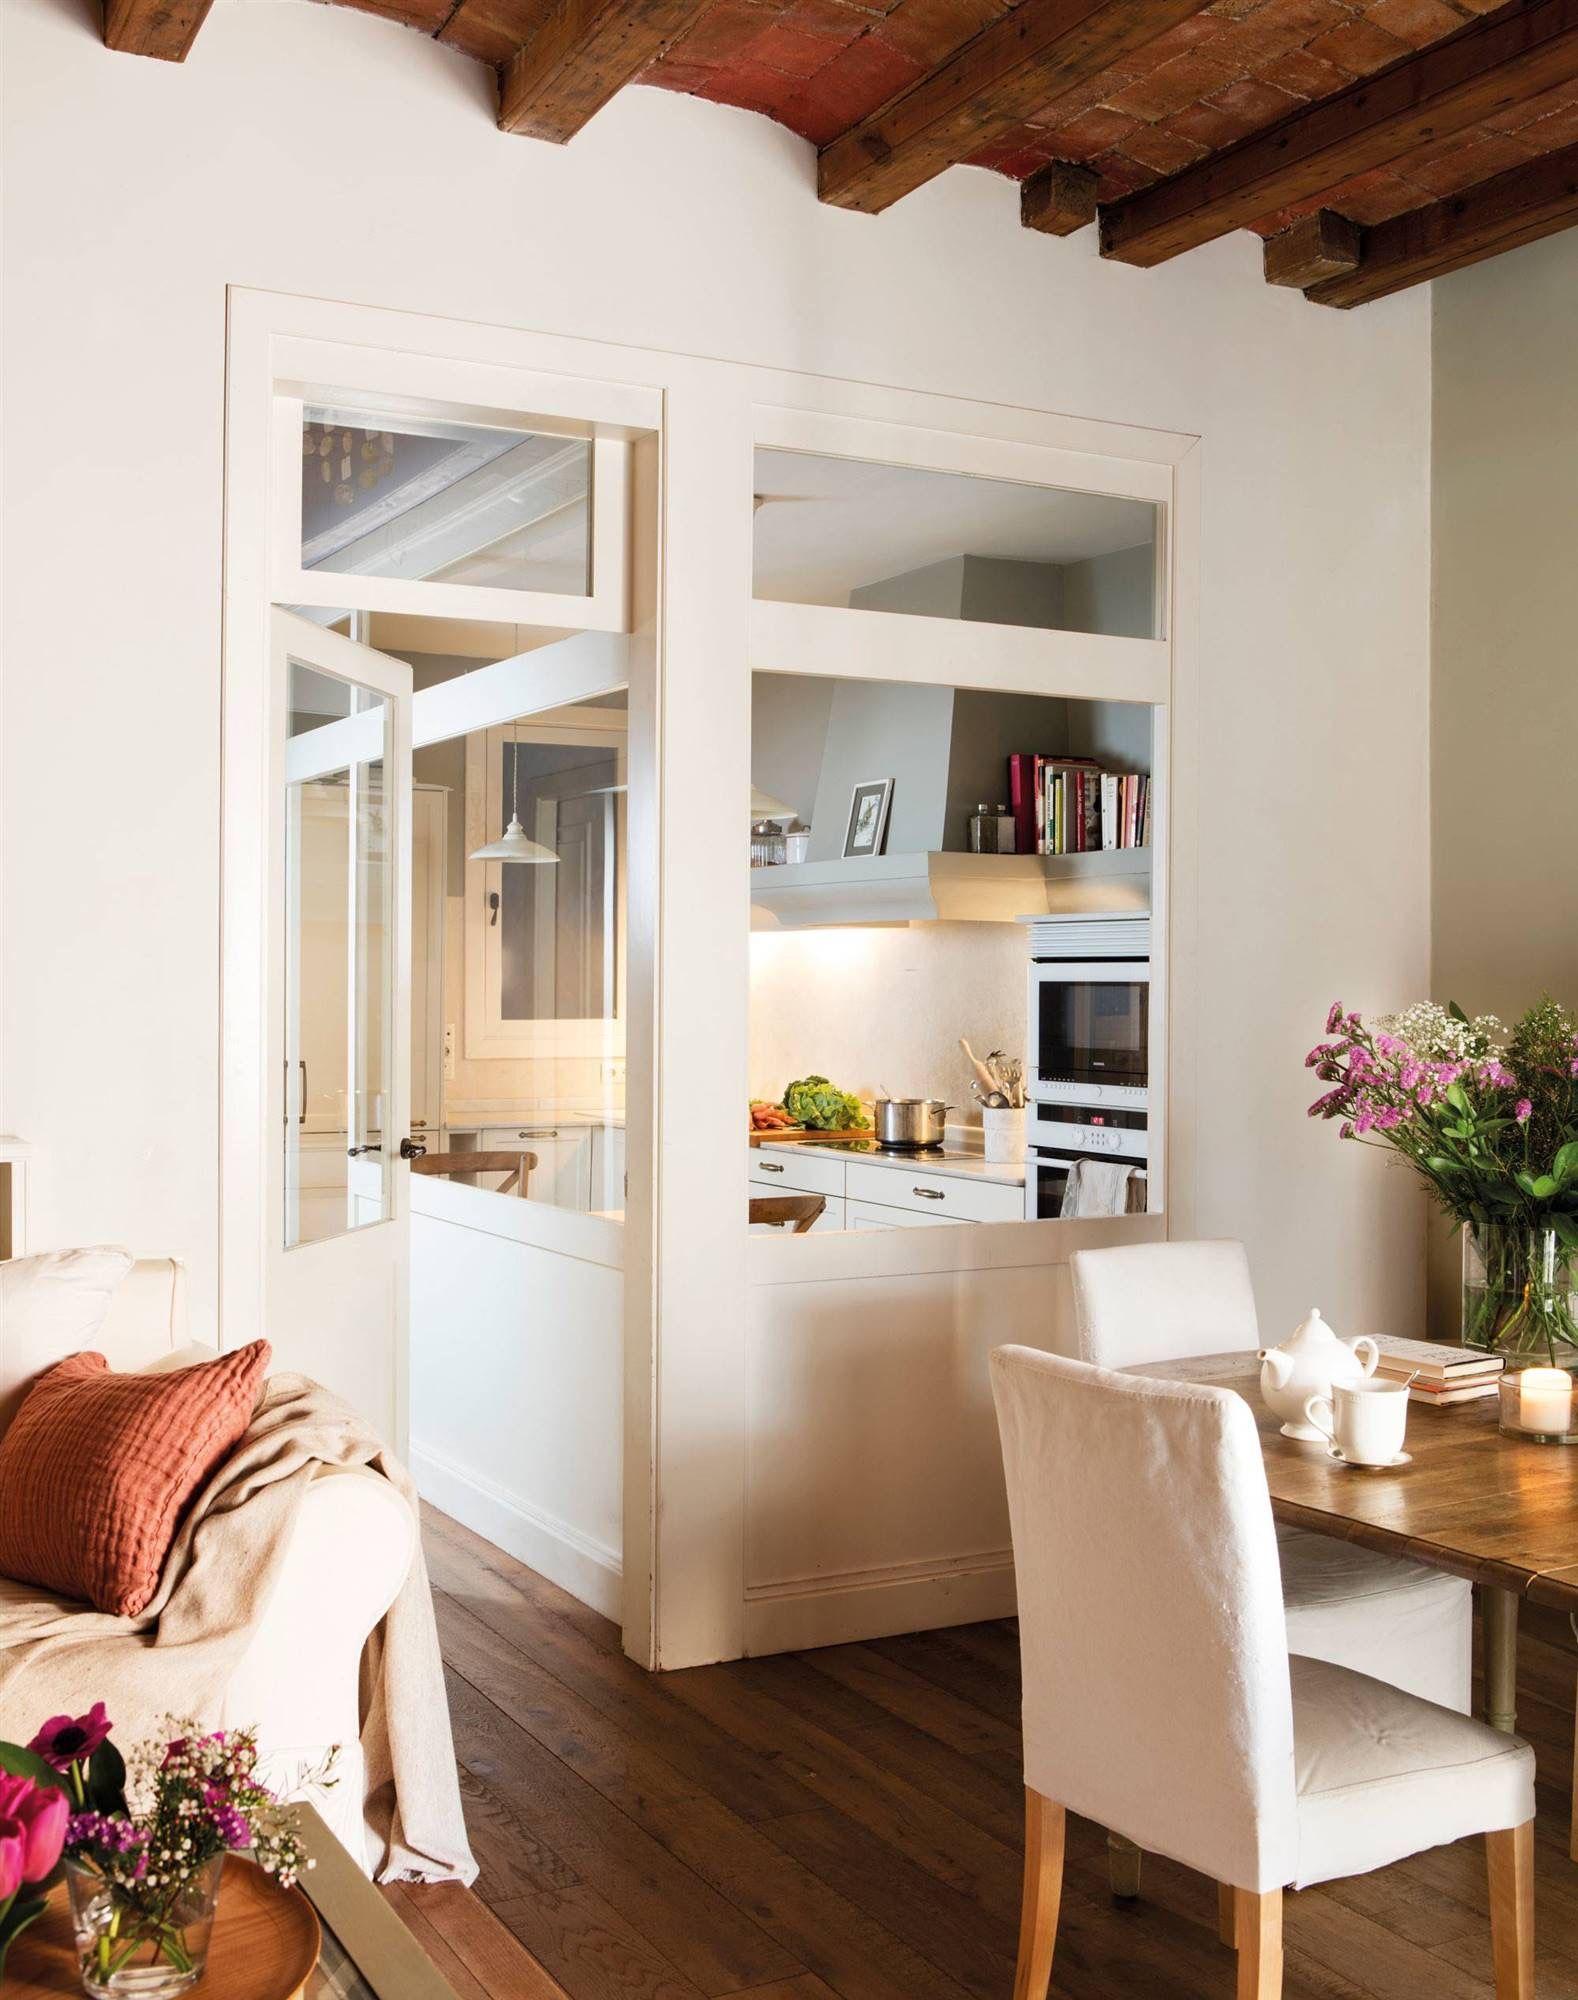 Imagen Sobre Decoracion Casera De Almu En Deco Kitchen En 2020